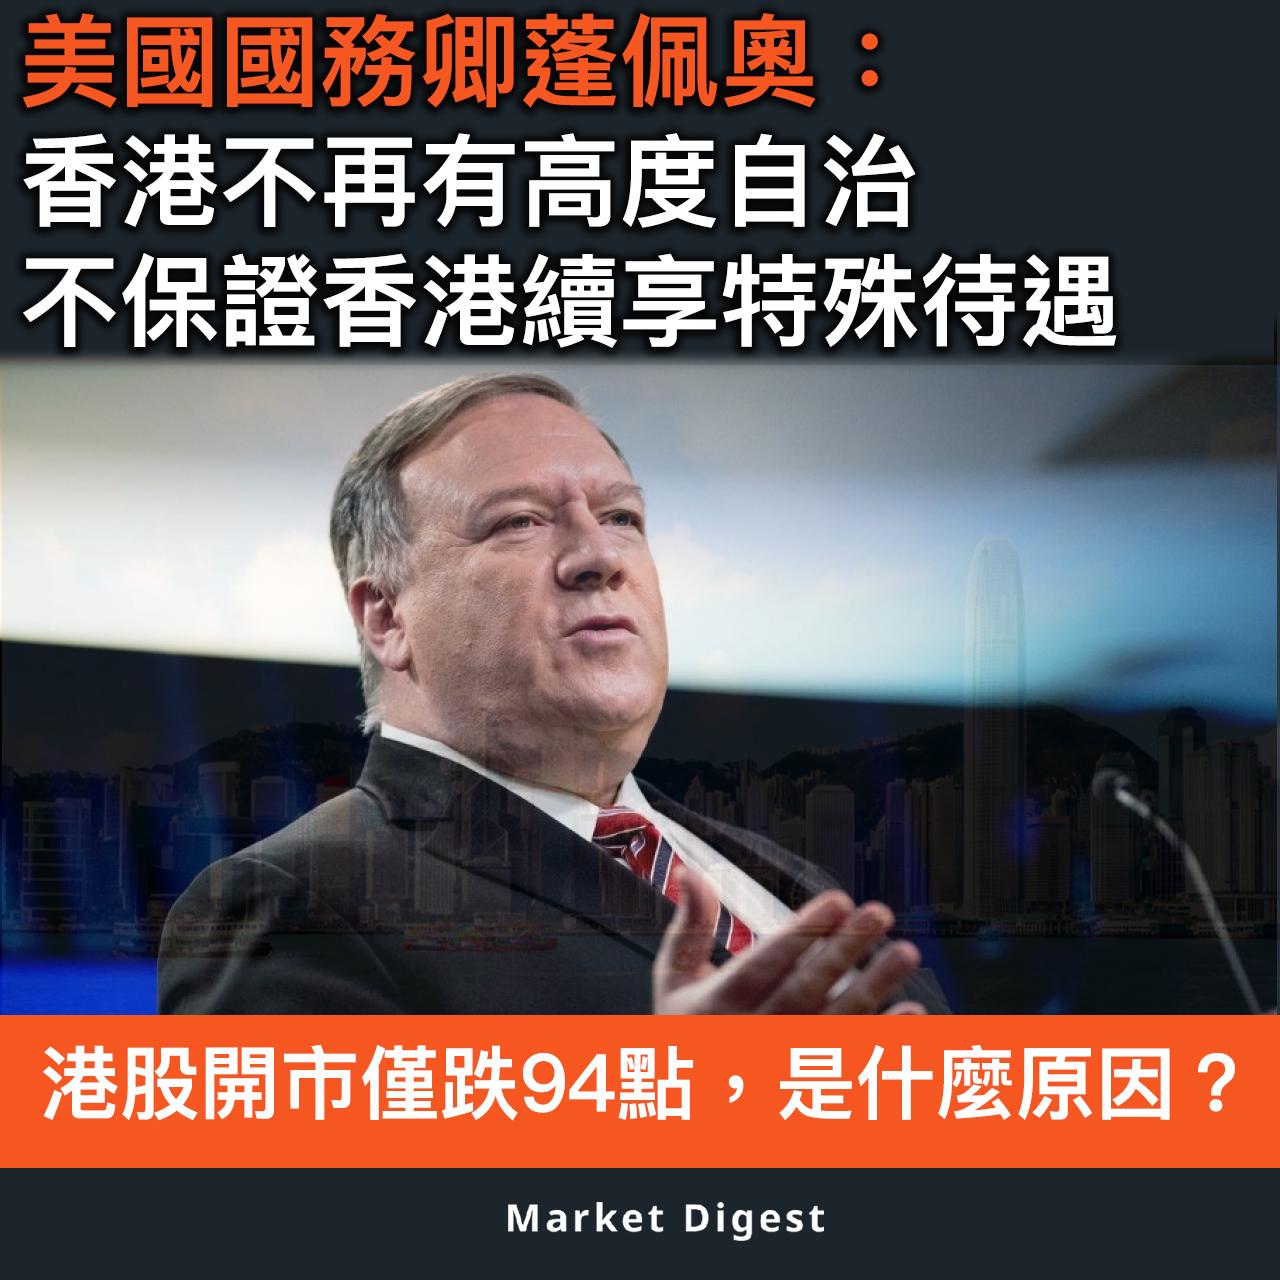 【市場熱話】美國國務卿蓬佩奧:香港不再有高度自治,不再保證繼續享美國特殊待遇